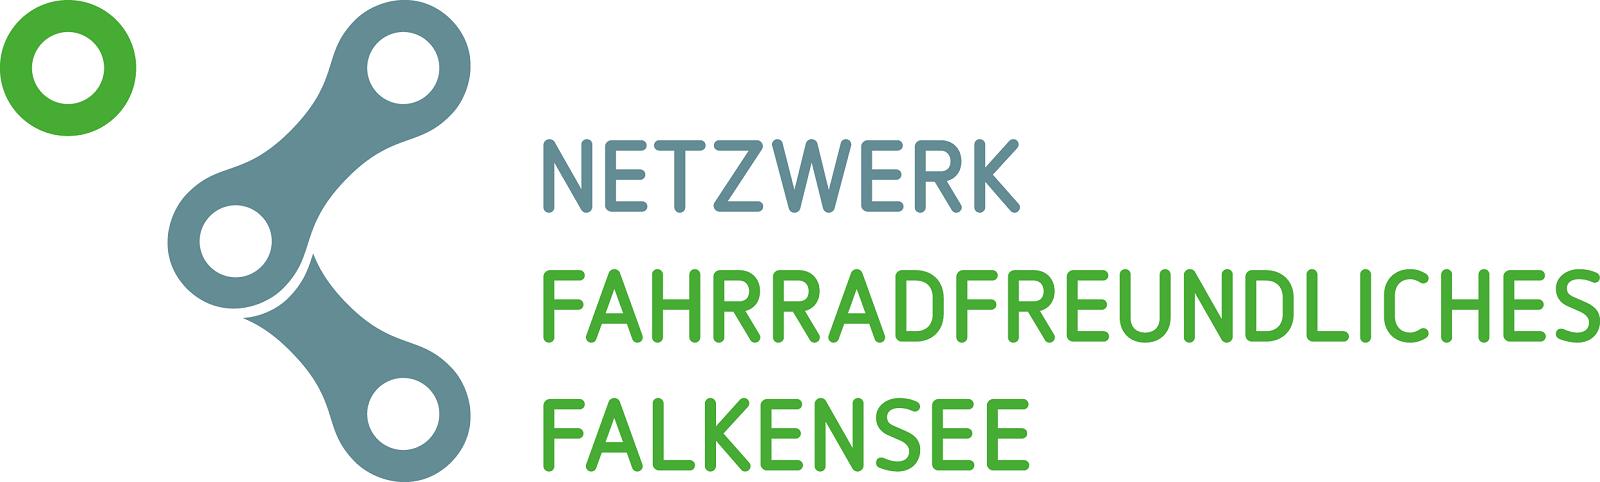 NETZWERK FAHRRADFREUNDLICHES FALKENSEE